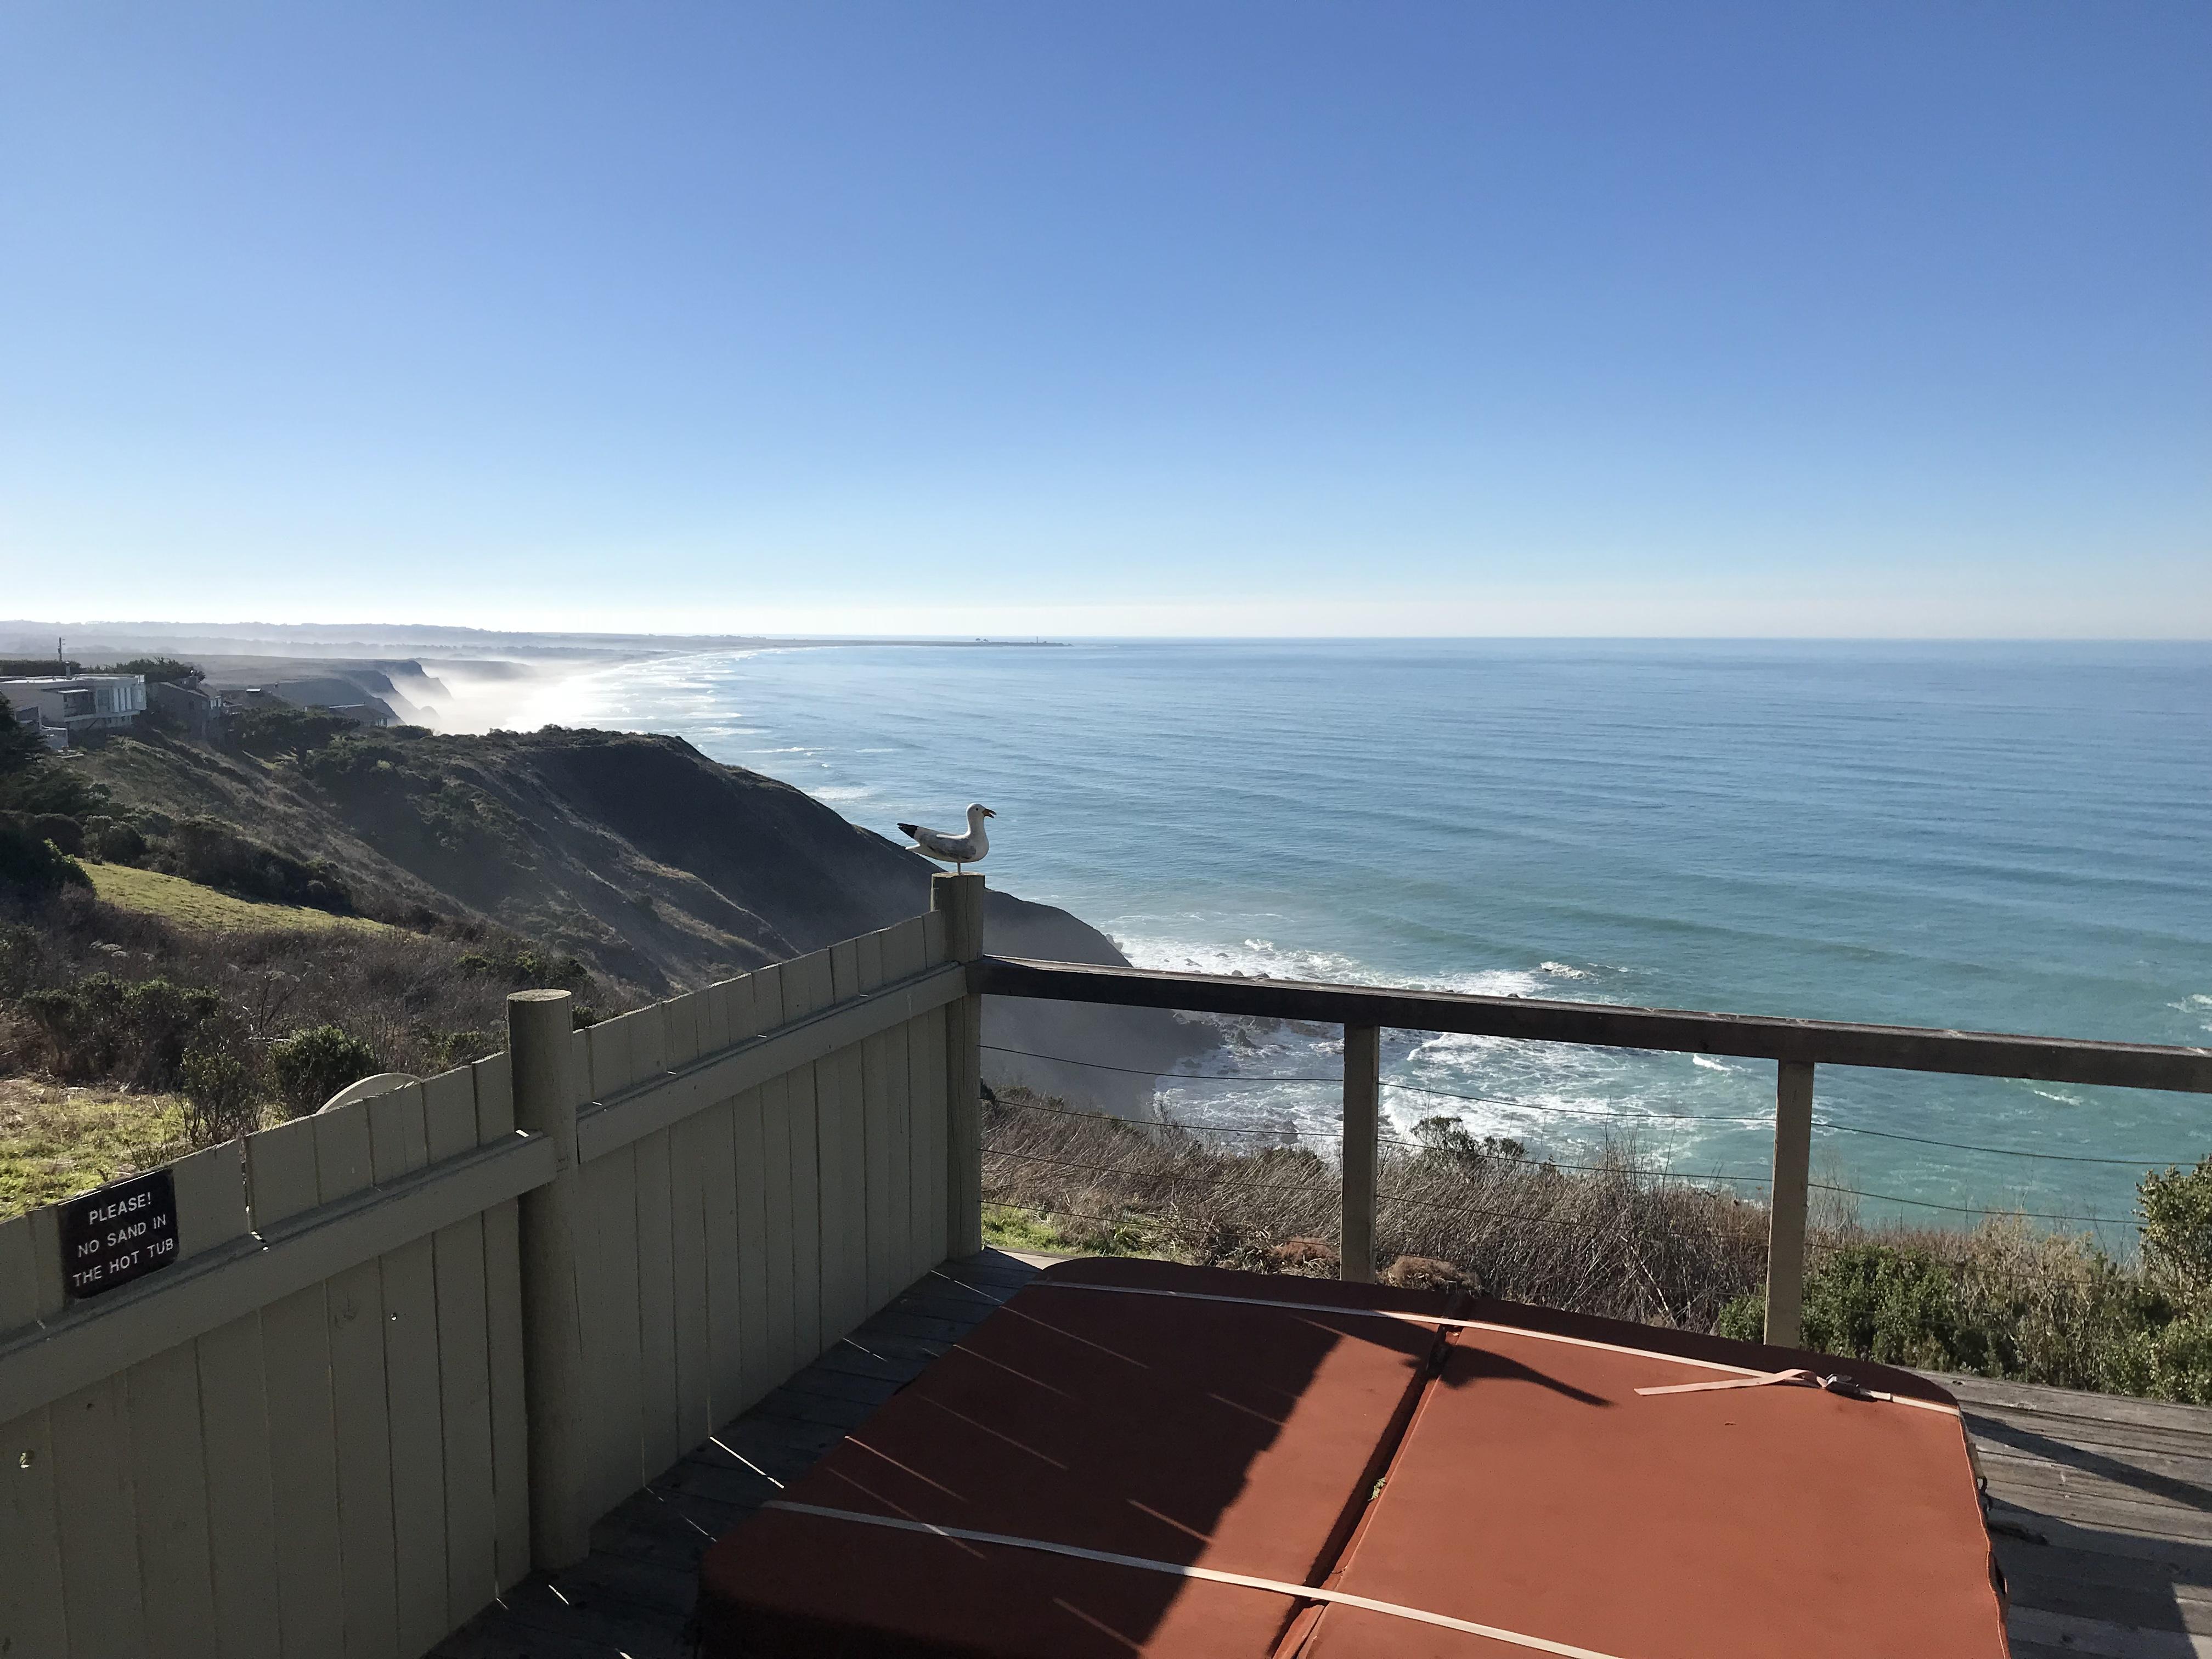 Ocean Front View Irish Beach Mendocino